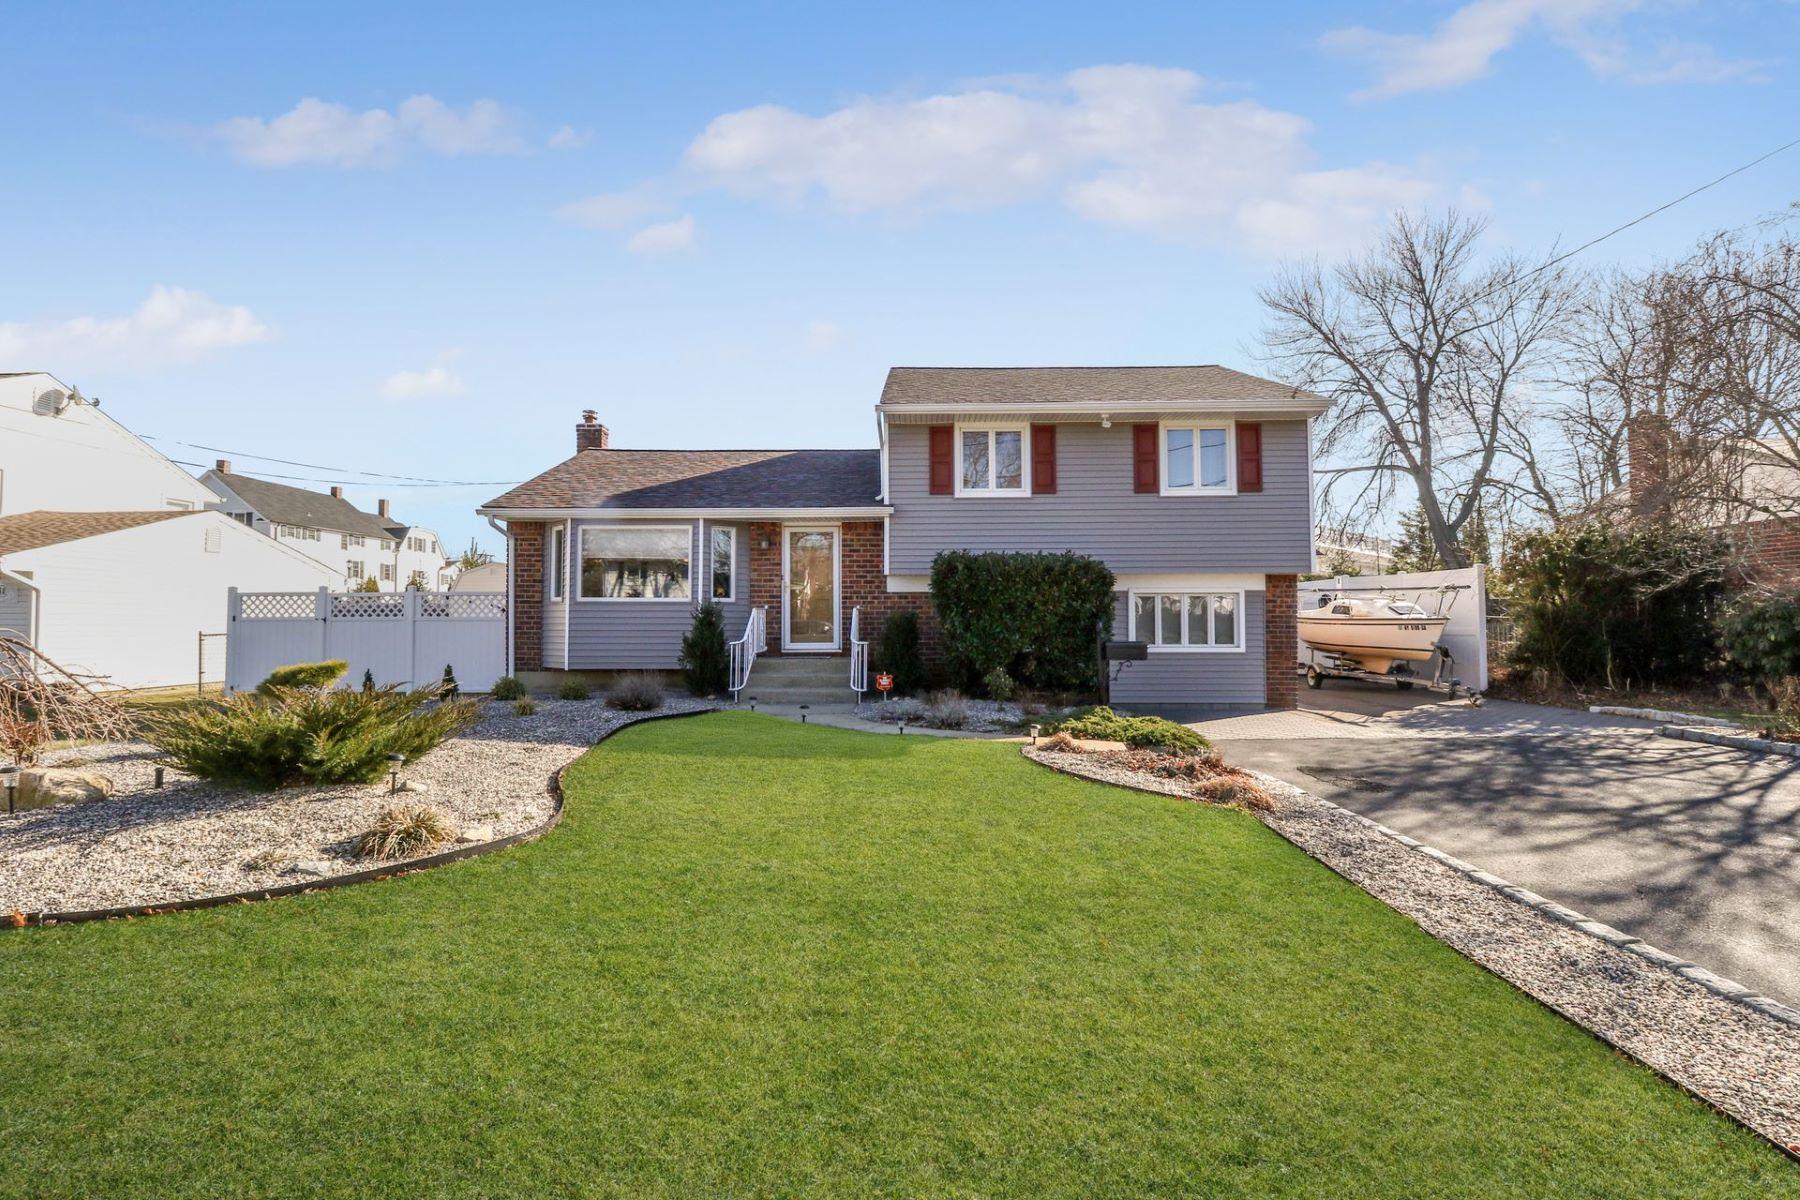 独户住宅 为 销售 在 108 Wilherm Ln , West Islip, NY 11795 108 Wilherm Ln, West Islip, 纽约州, 11795 美国